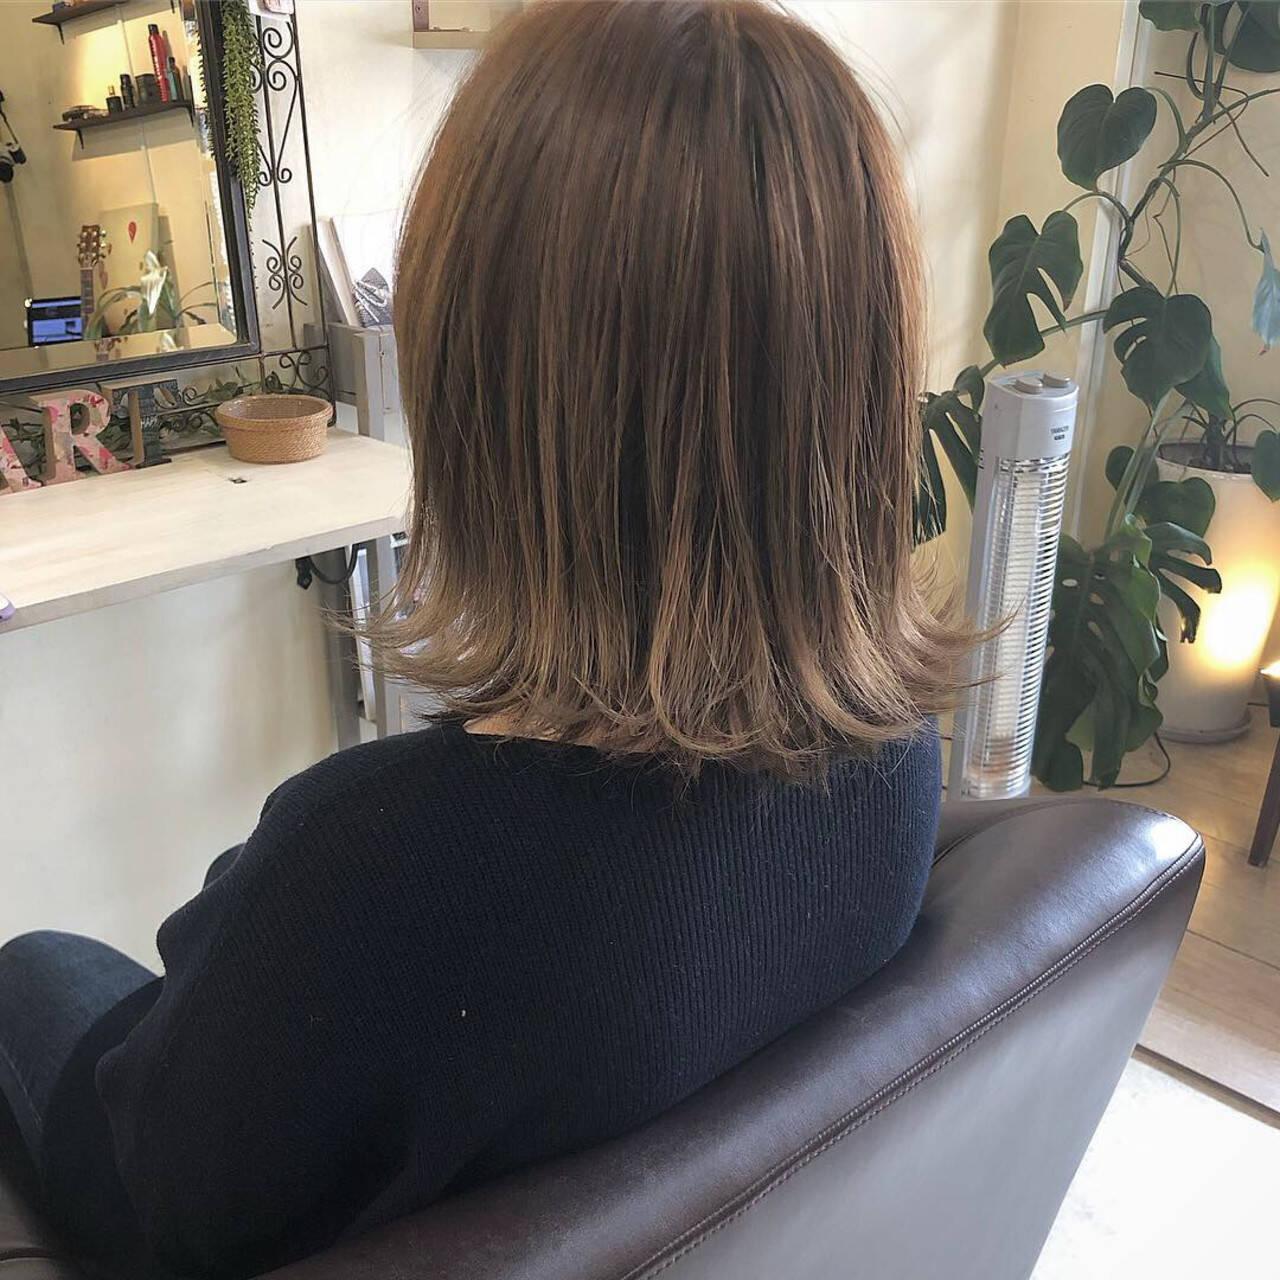 切りっぱなし 外ハネボブ 切りっぱなしボブ 簡単ヘアアレンジヘアスタイルや髪型の写真・画像